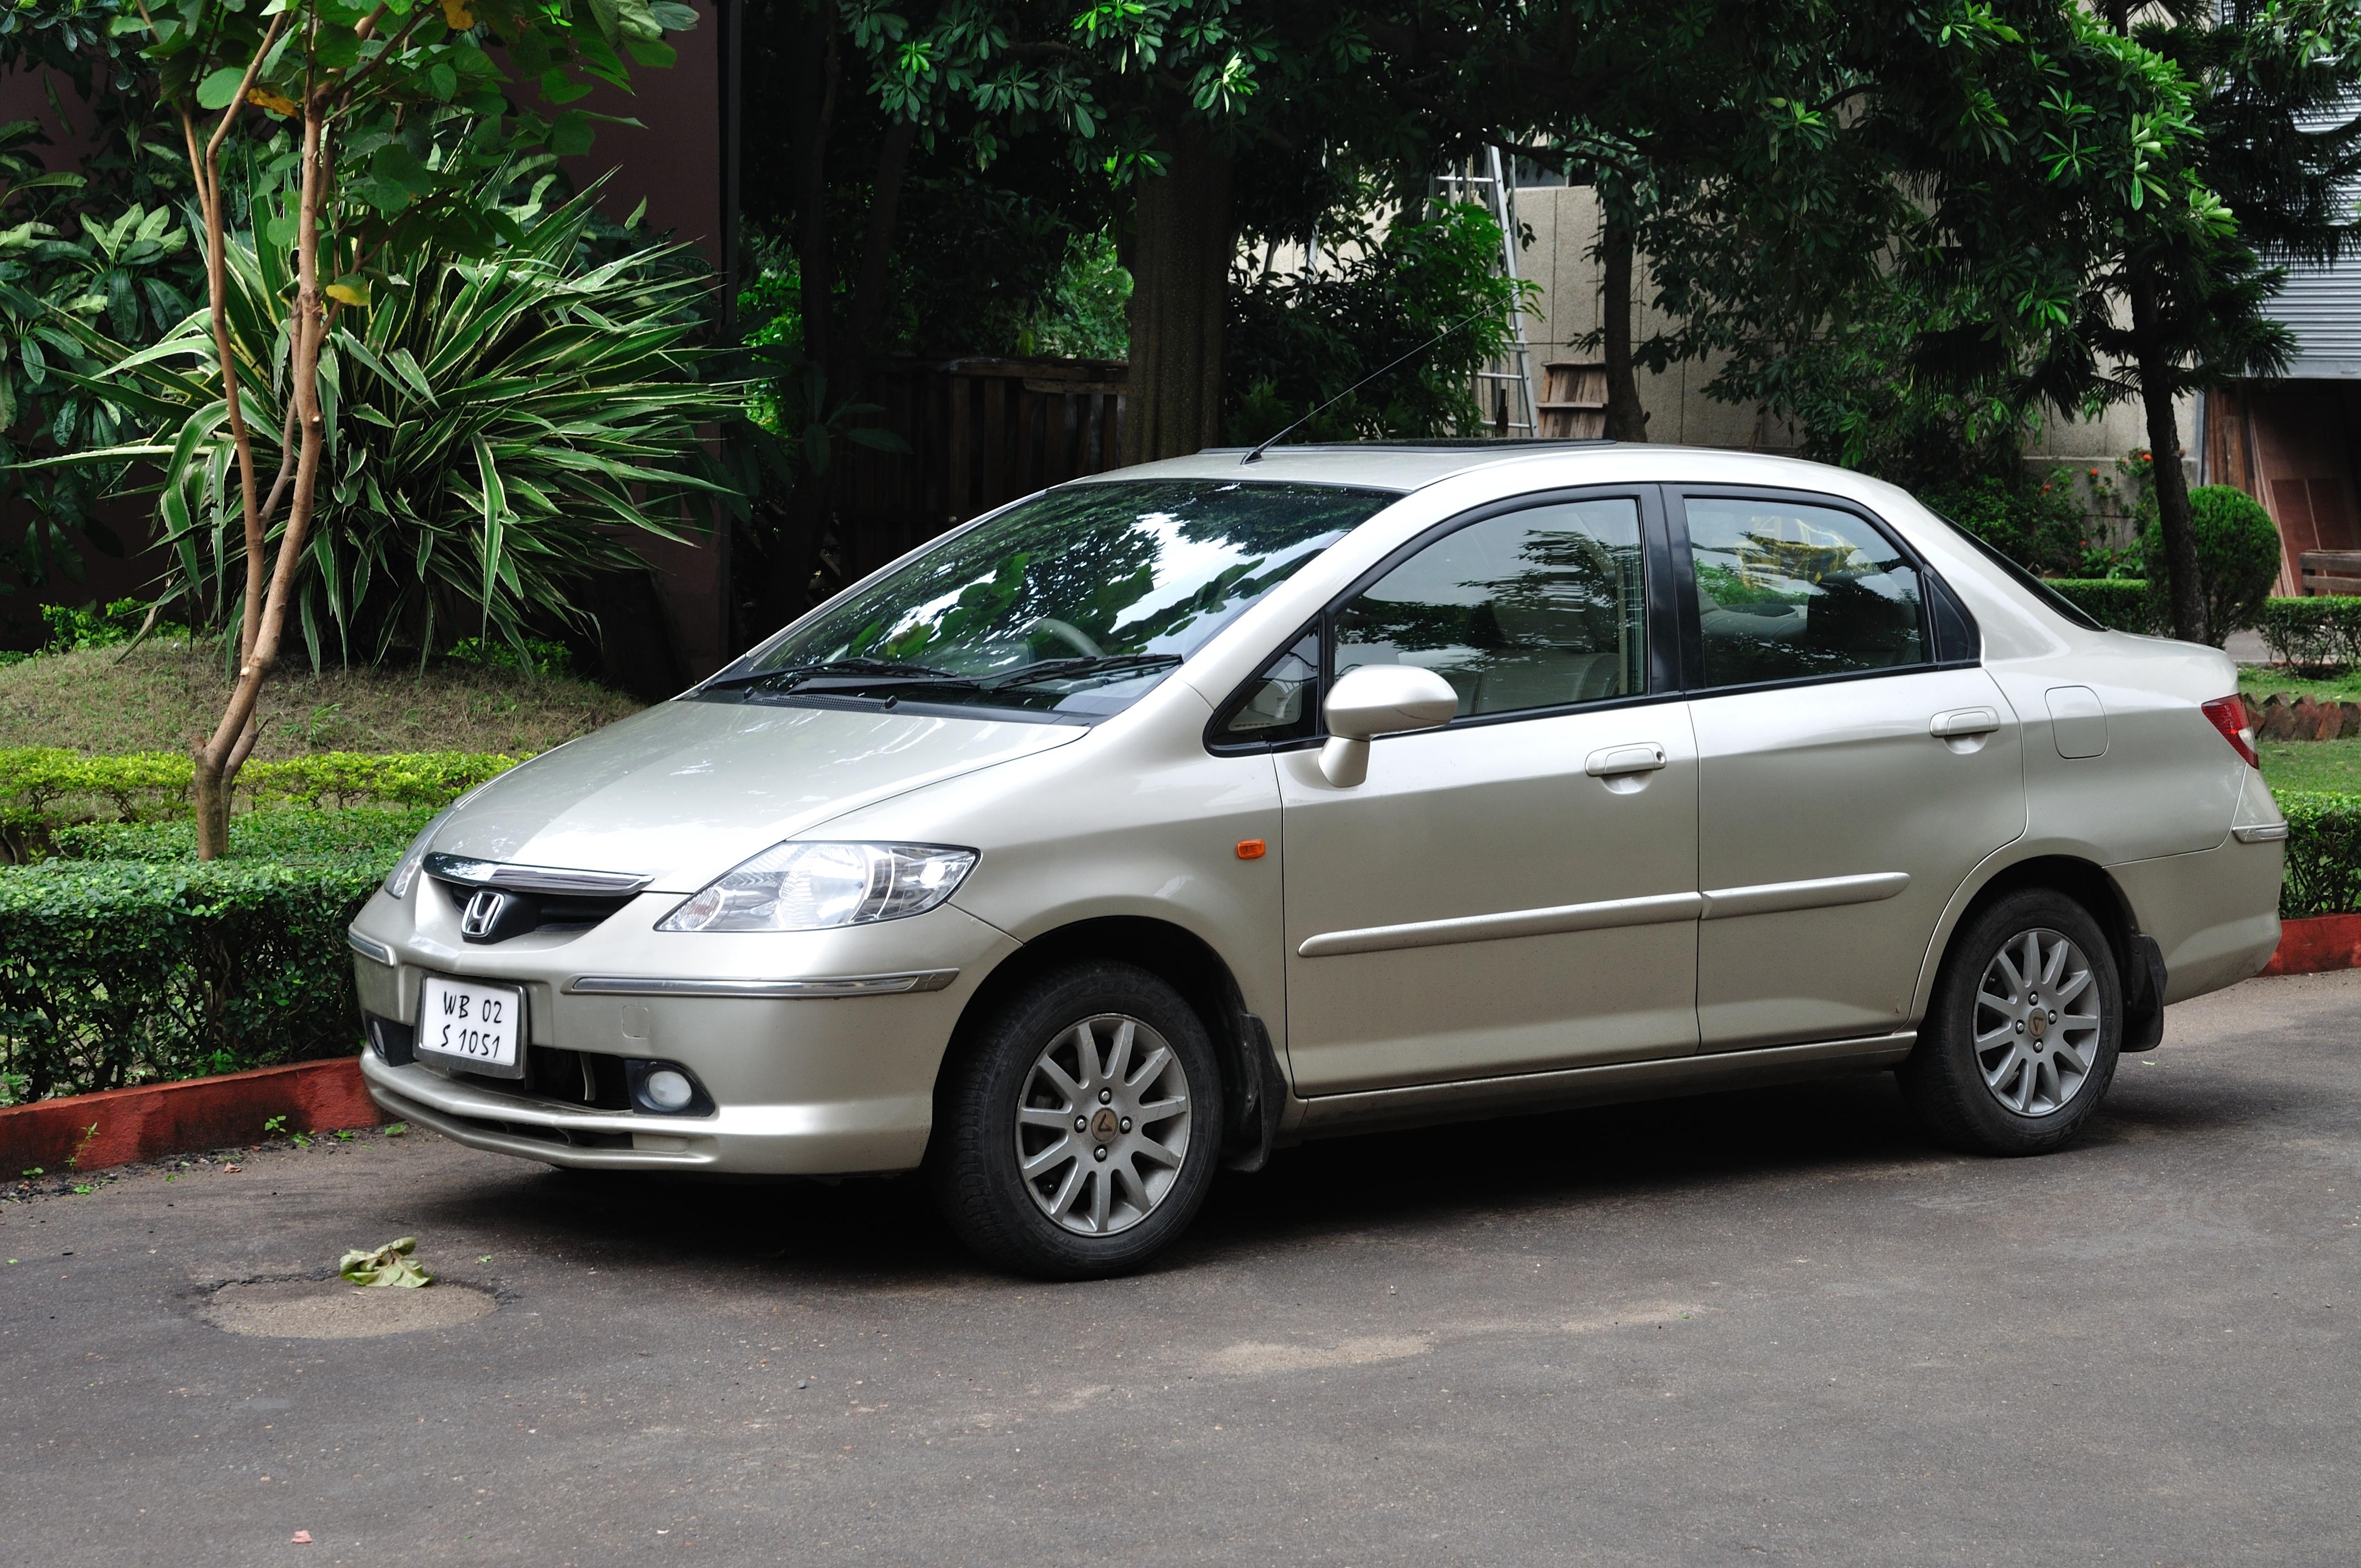 Honda Exi